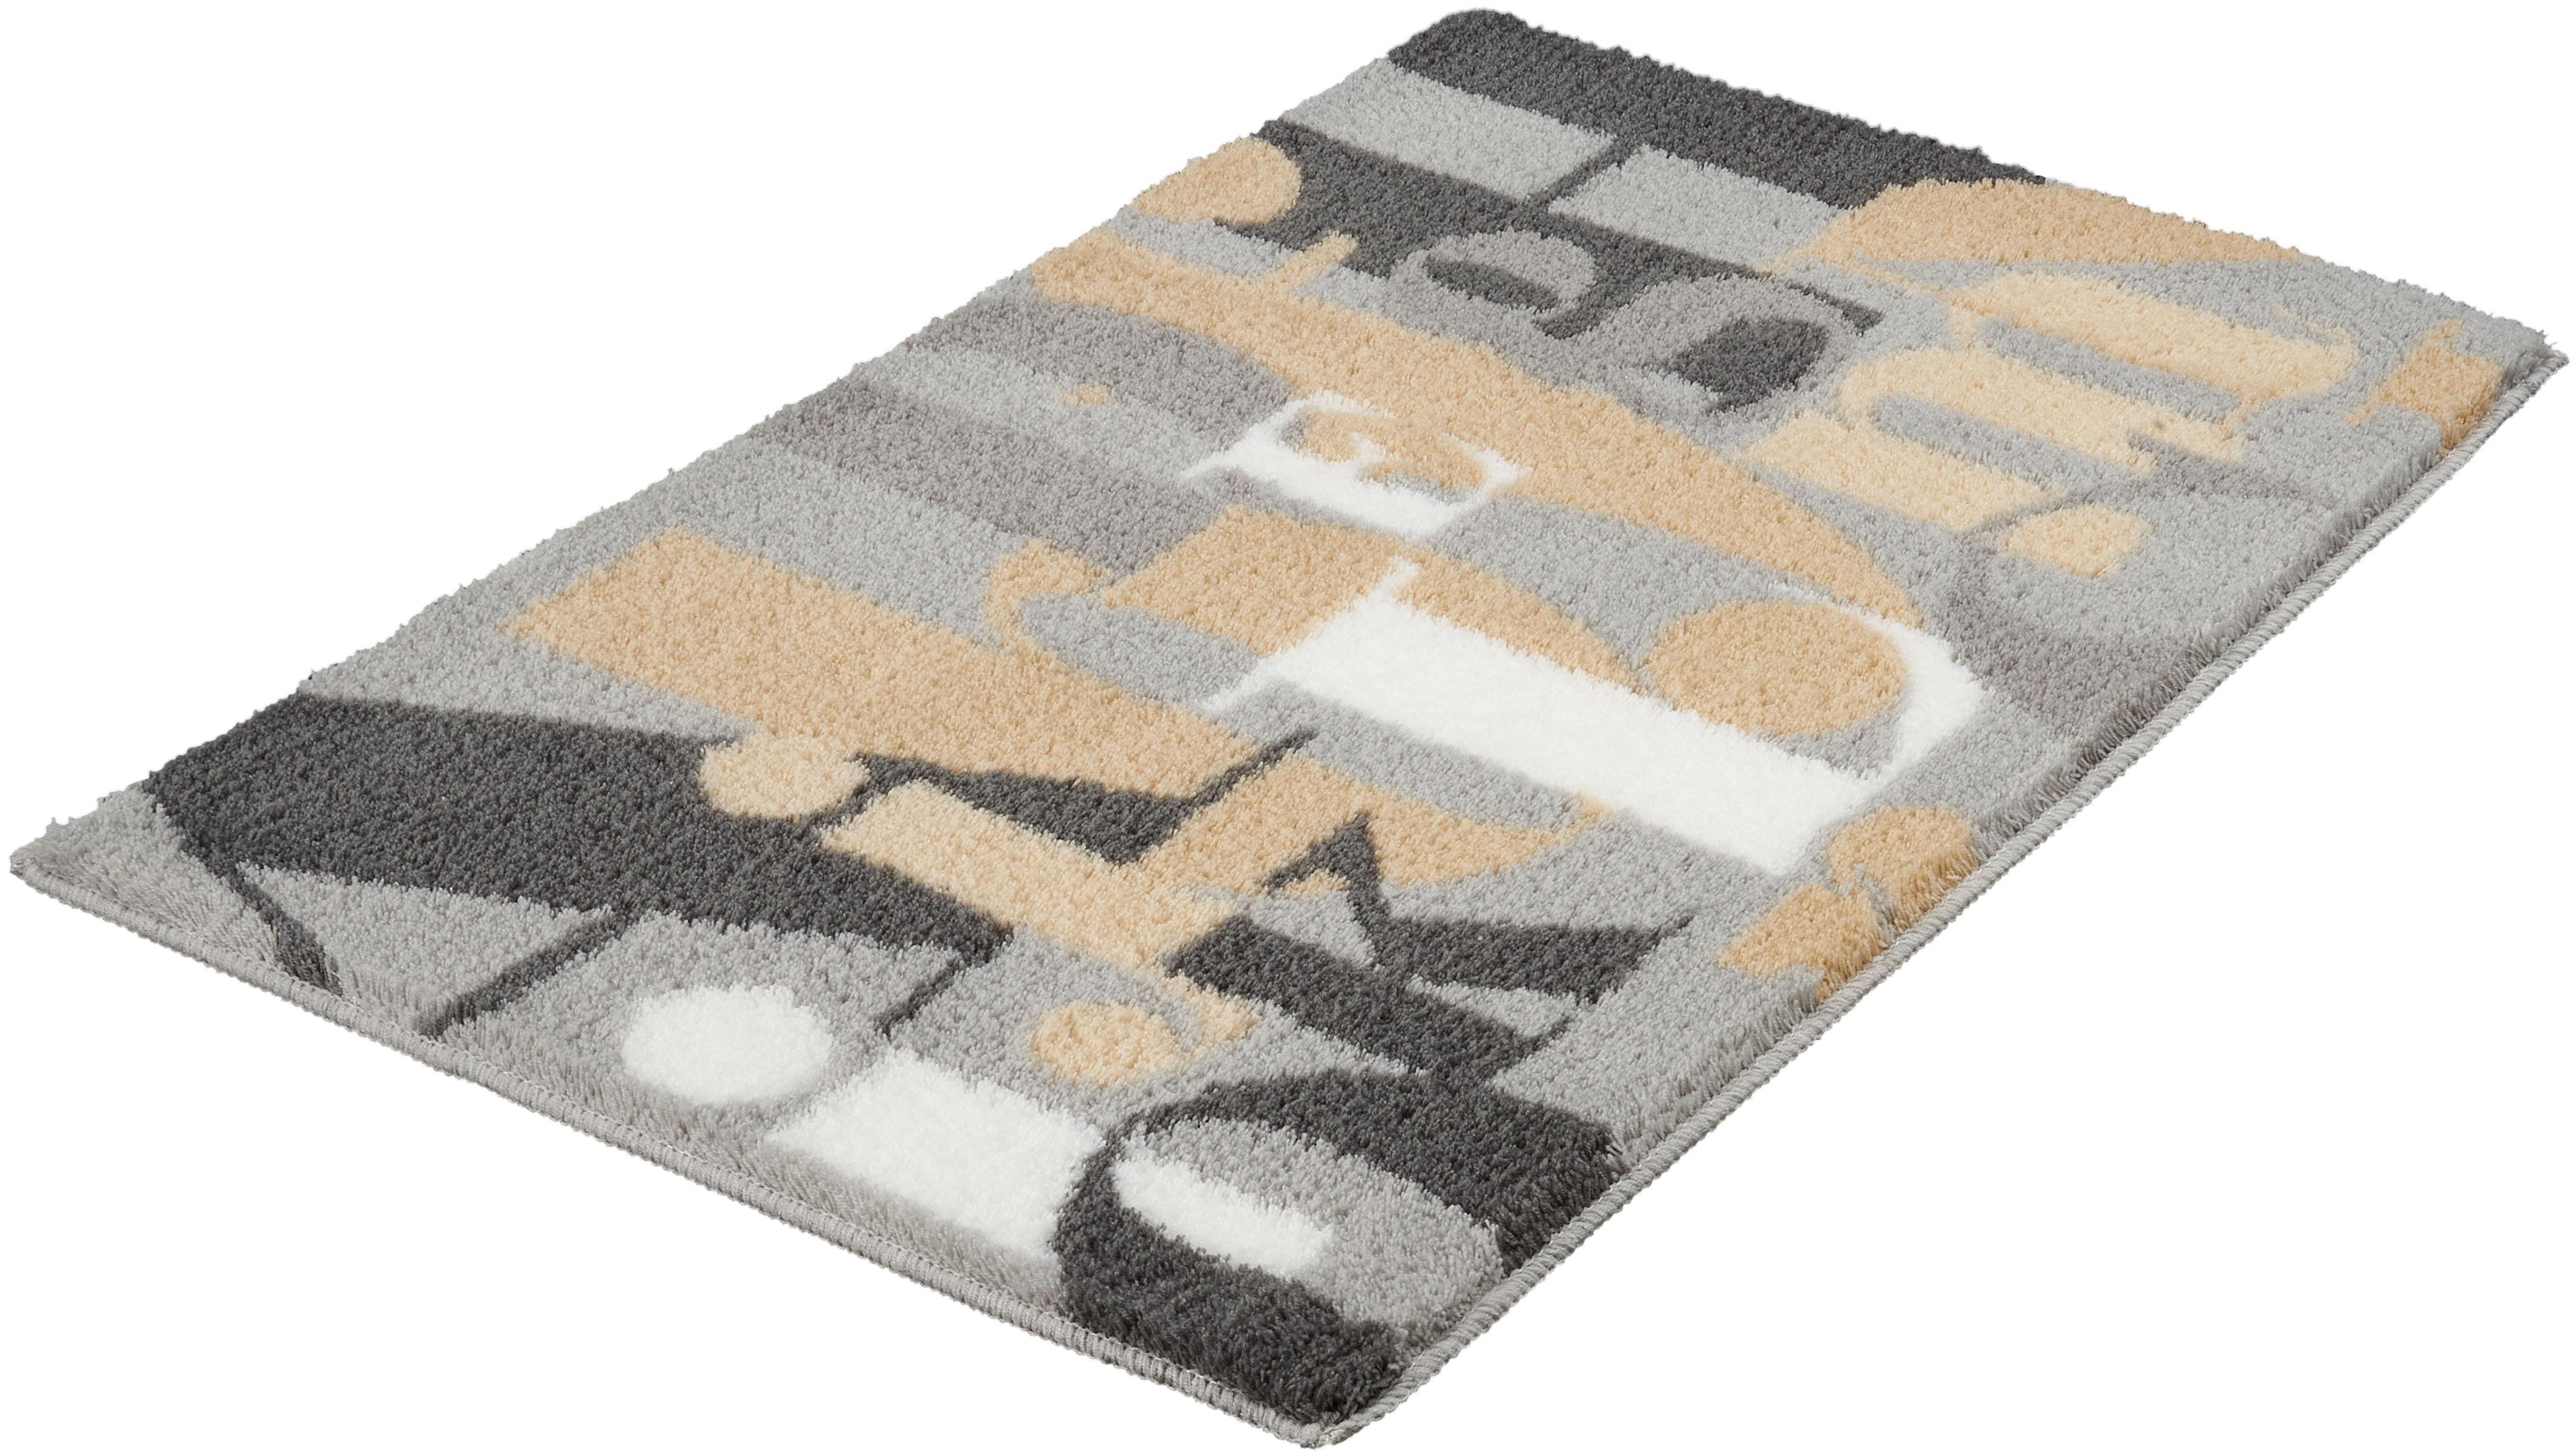 Badematte Letter Kleine Wolke Höhe 15 mm rutschhemmend beschichtet fußbodenheizungsgeeignet